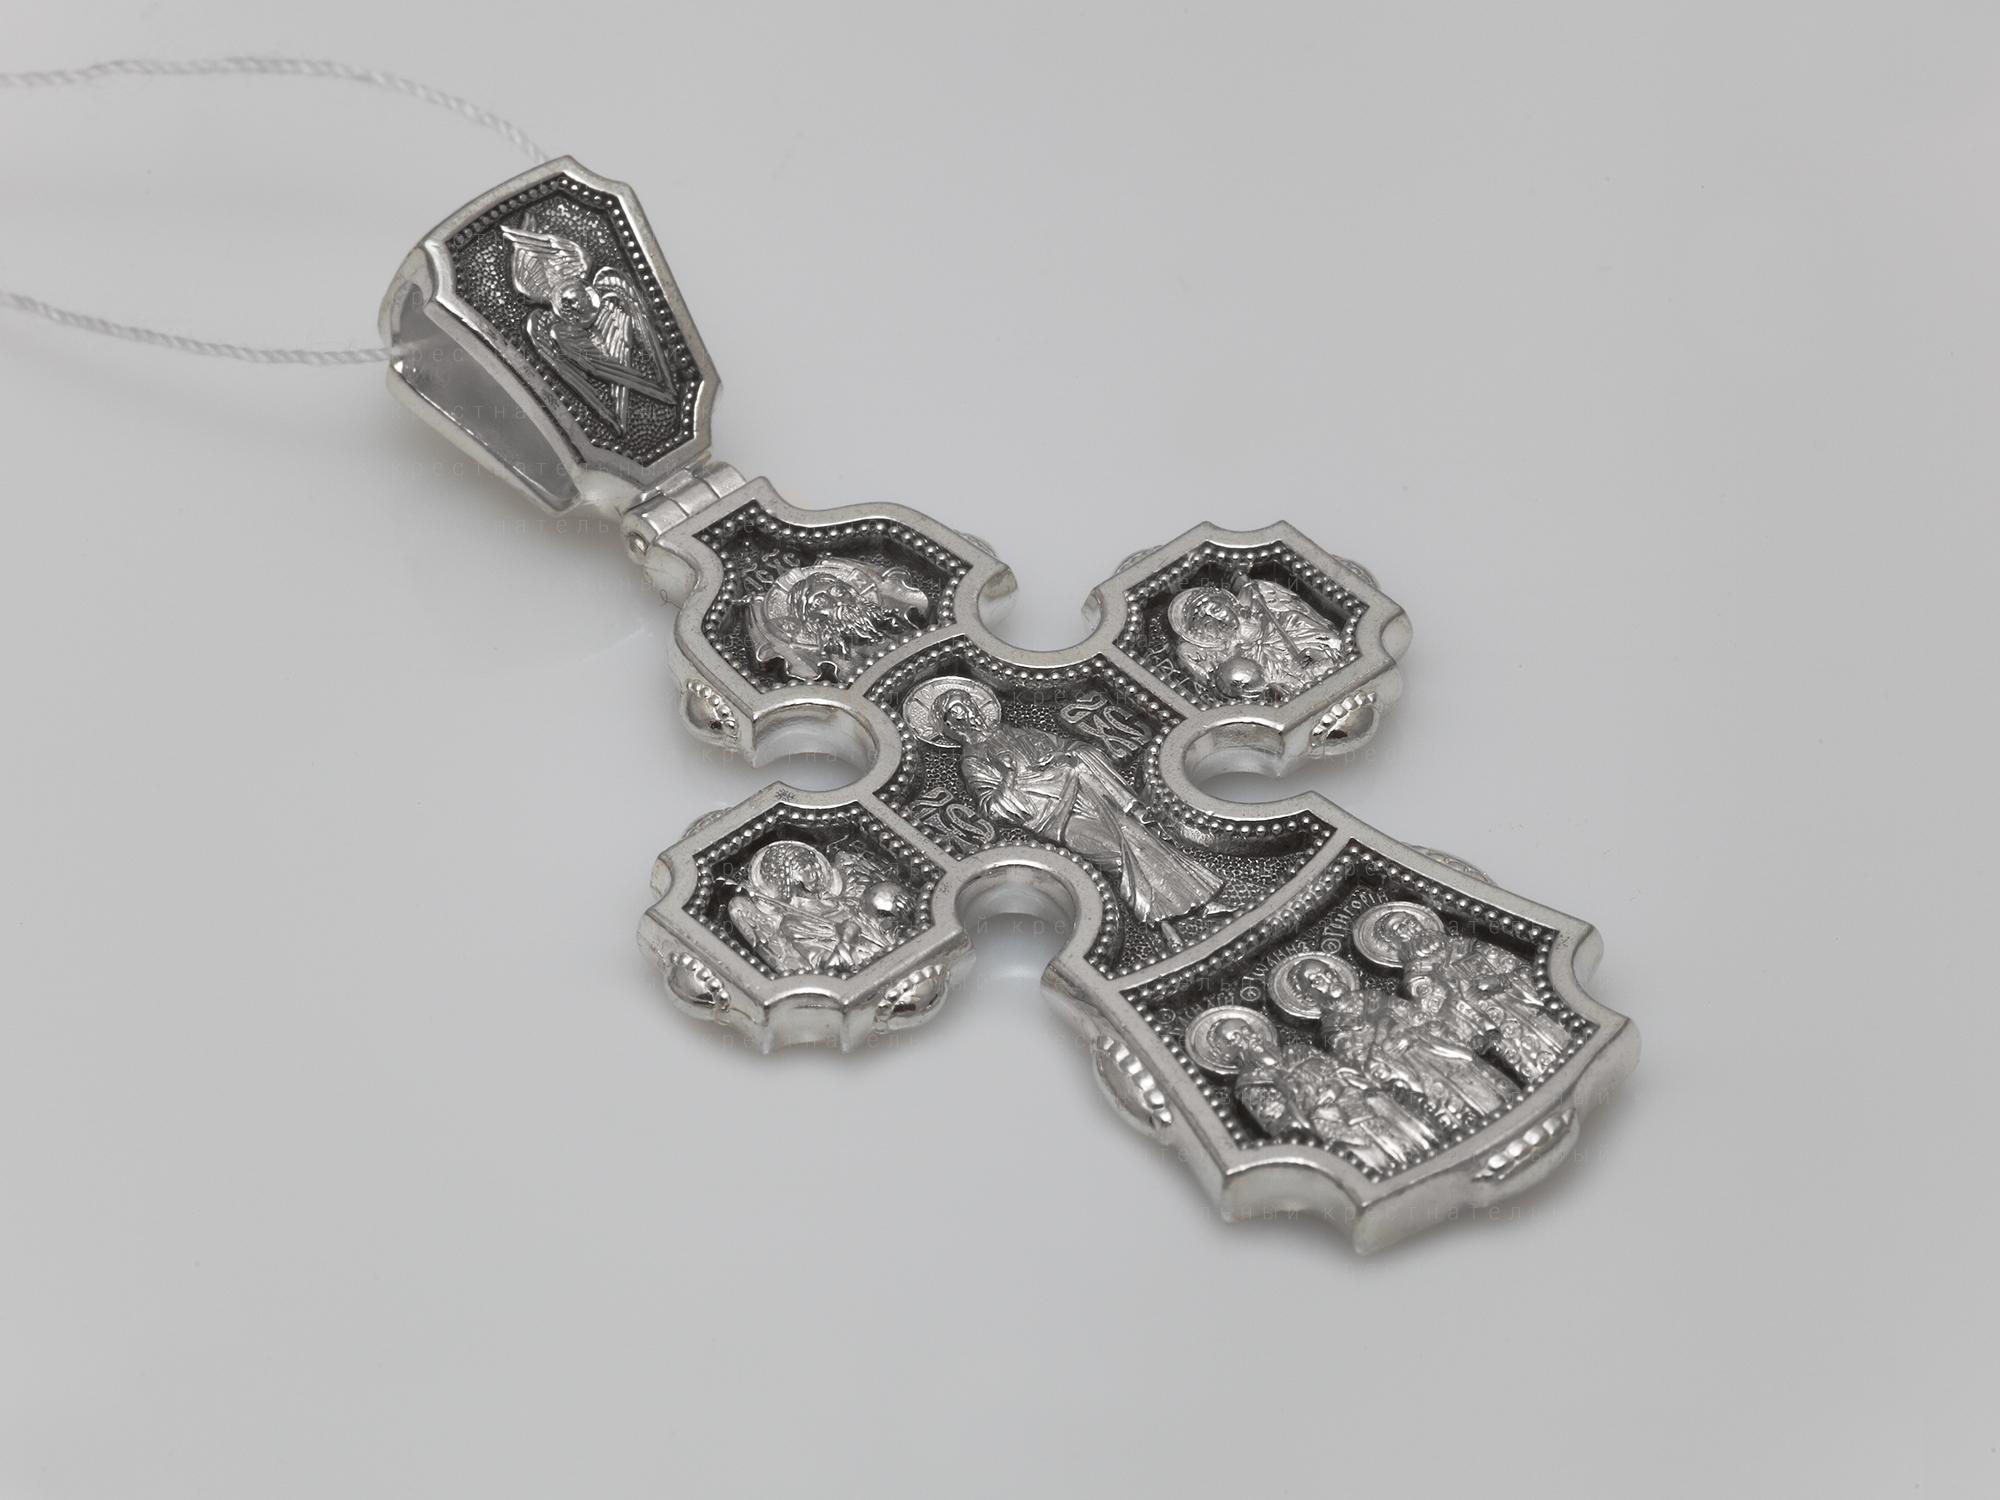 18639. Господь Вседержитель. Архангелы Гавриил и Михаил. Три Святителя. Православный крест.